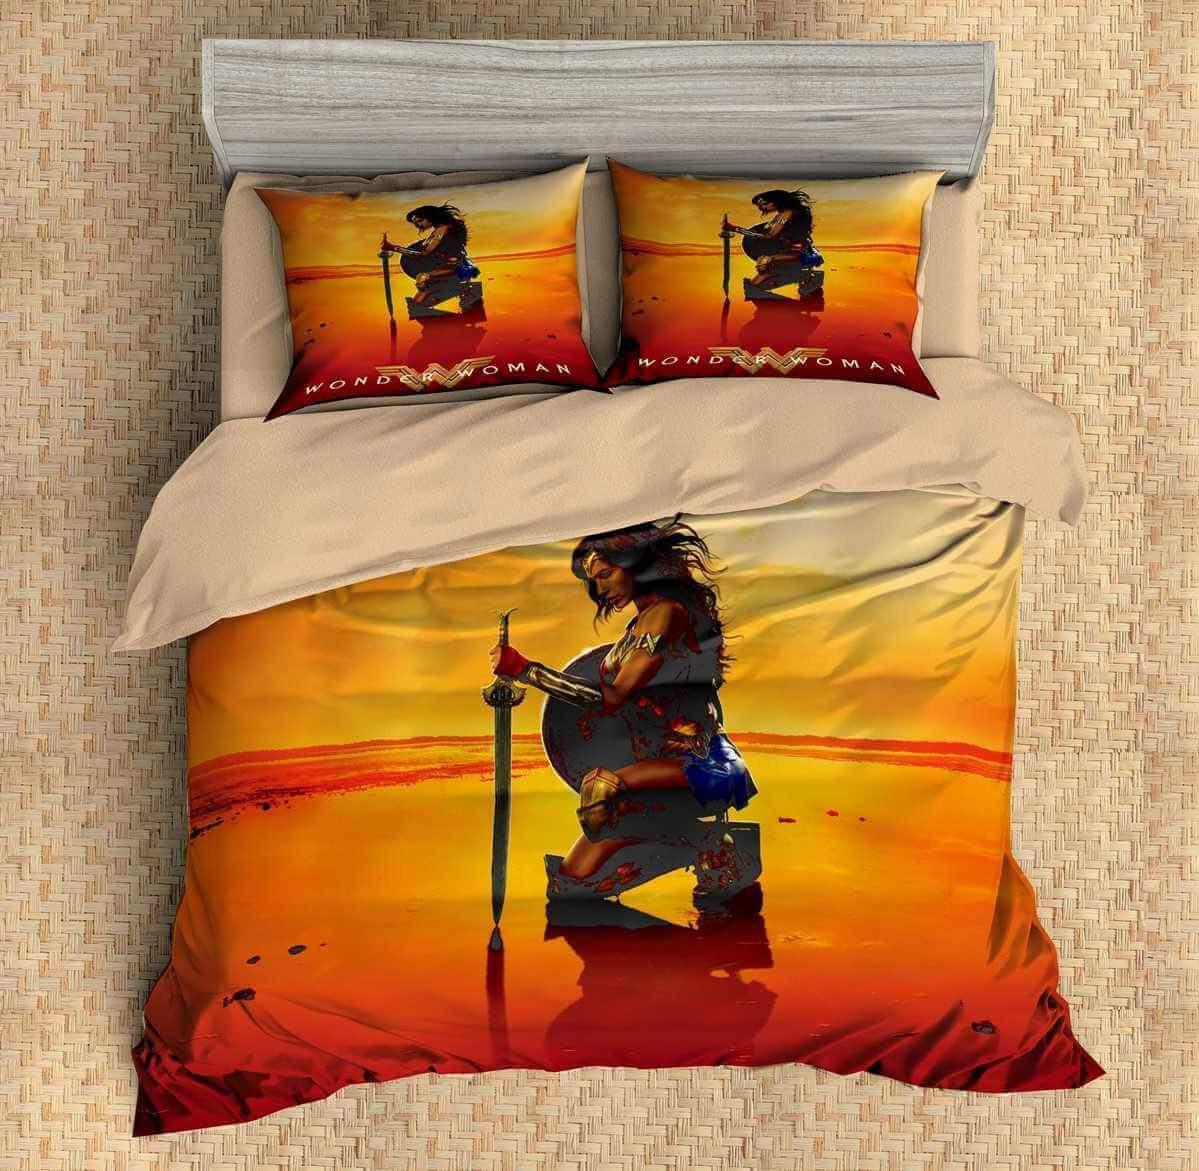 Wonder Woman #5 3D Personalized Customized Bedding Sets Duvet Cover Bedroom Sets Bedset Bedlinen